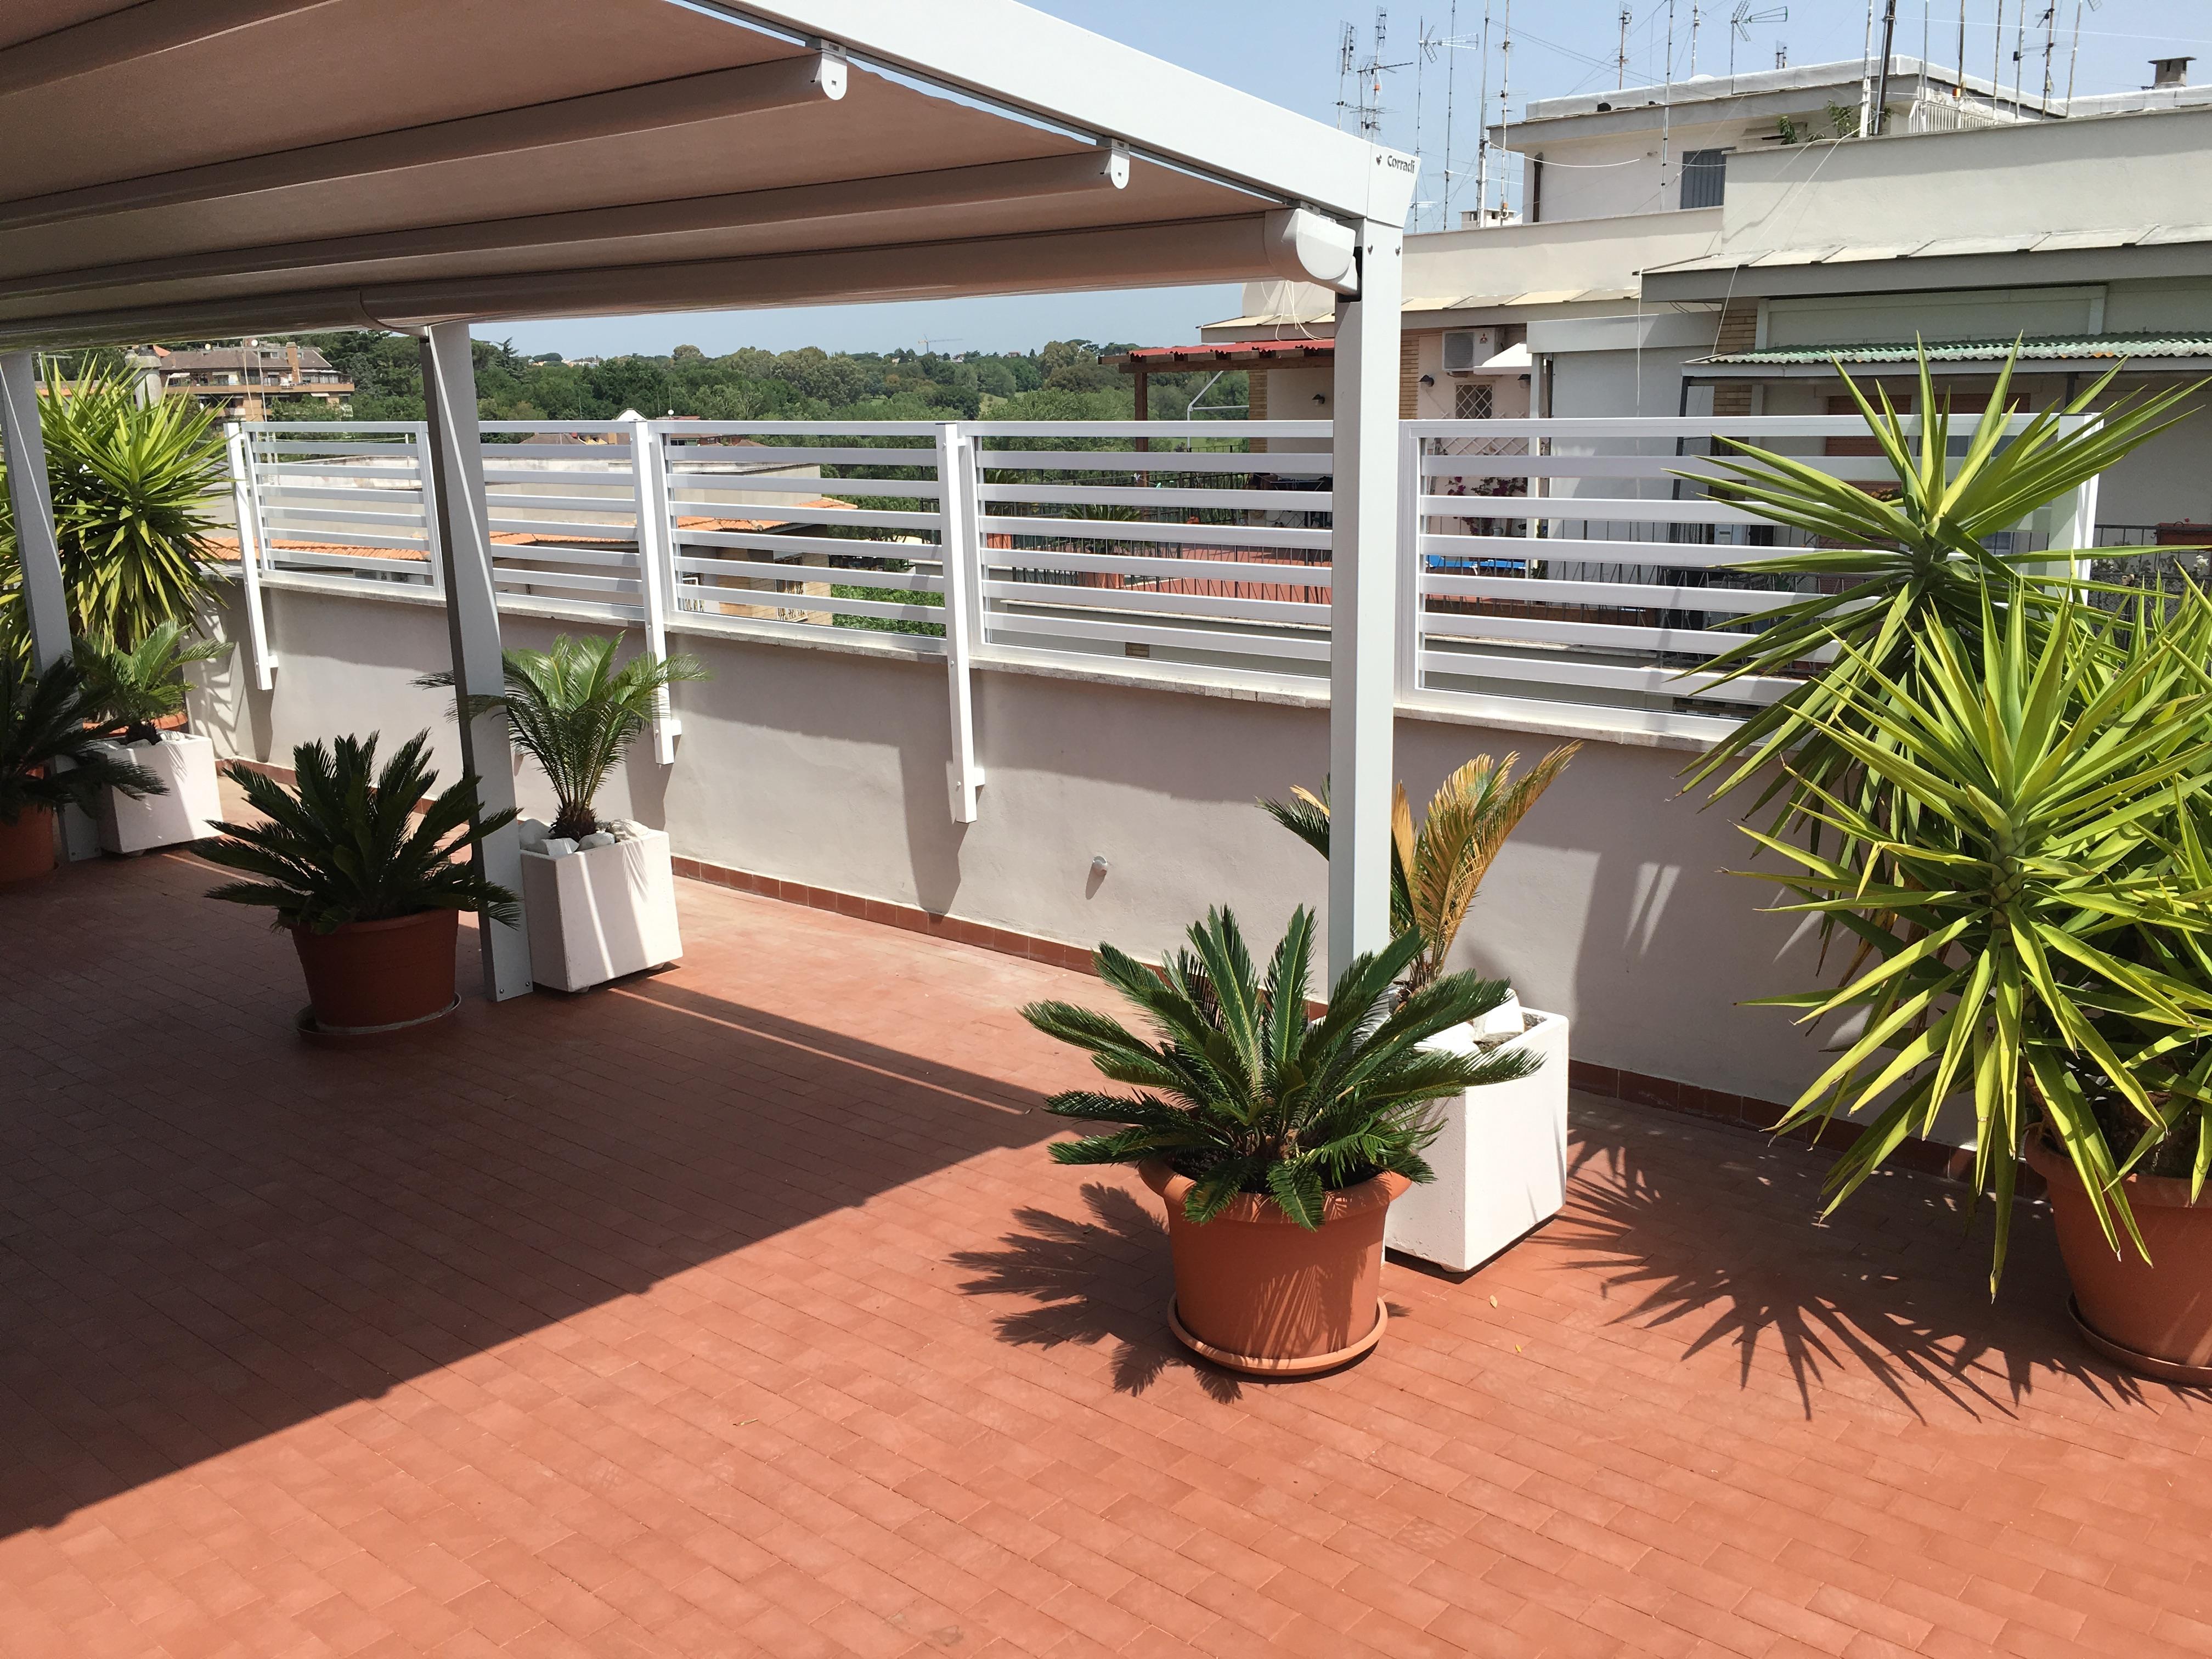 Grigliati e frangisole in alluminio alfa - Barriere antirumore per terrazzi ...